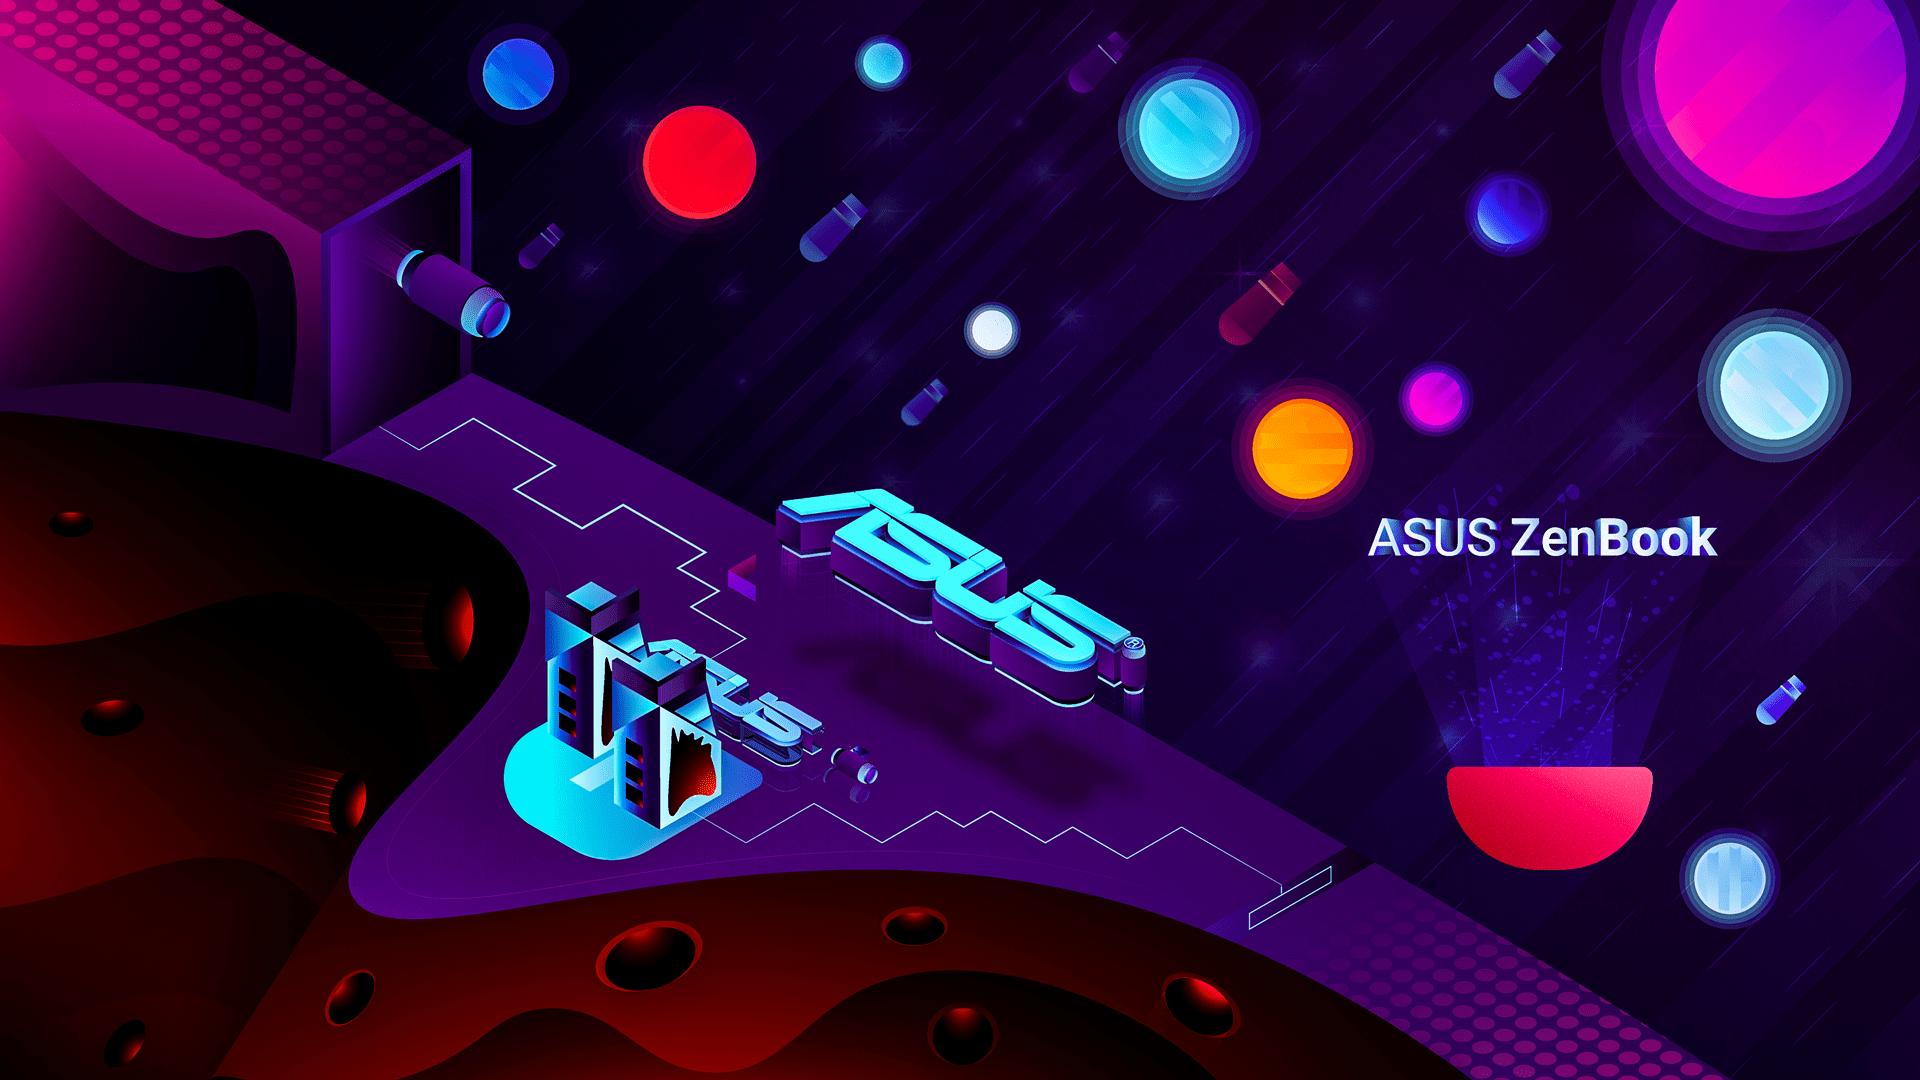 ASUS ZenBook Wallpapers - Top Free ASUS